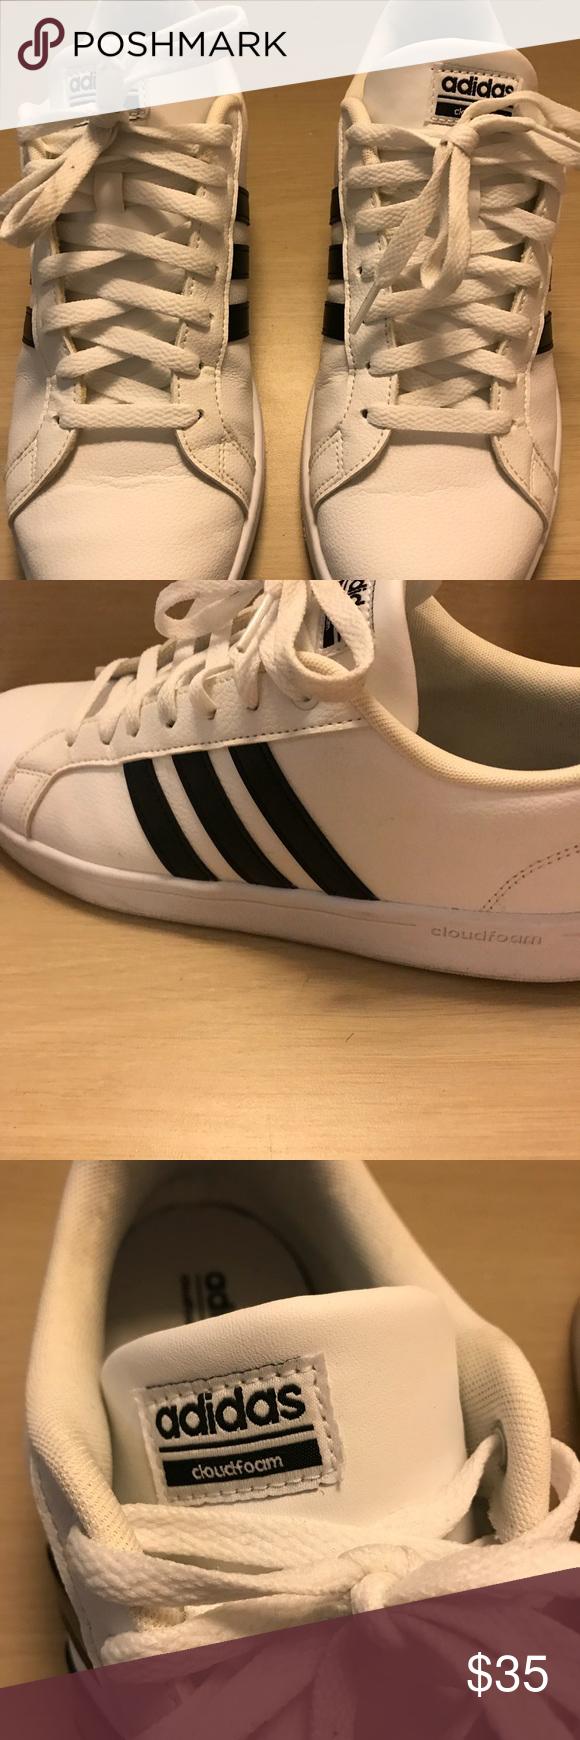 Gli Uomini Sono Le Adidas Le Adidas, Adidas E 43 Di Scarpe